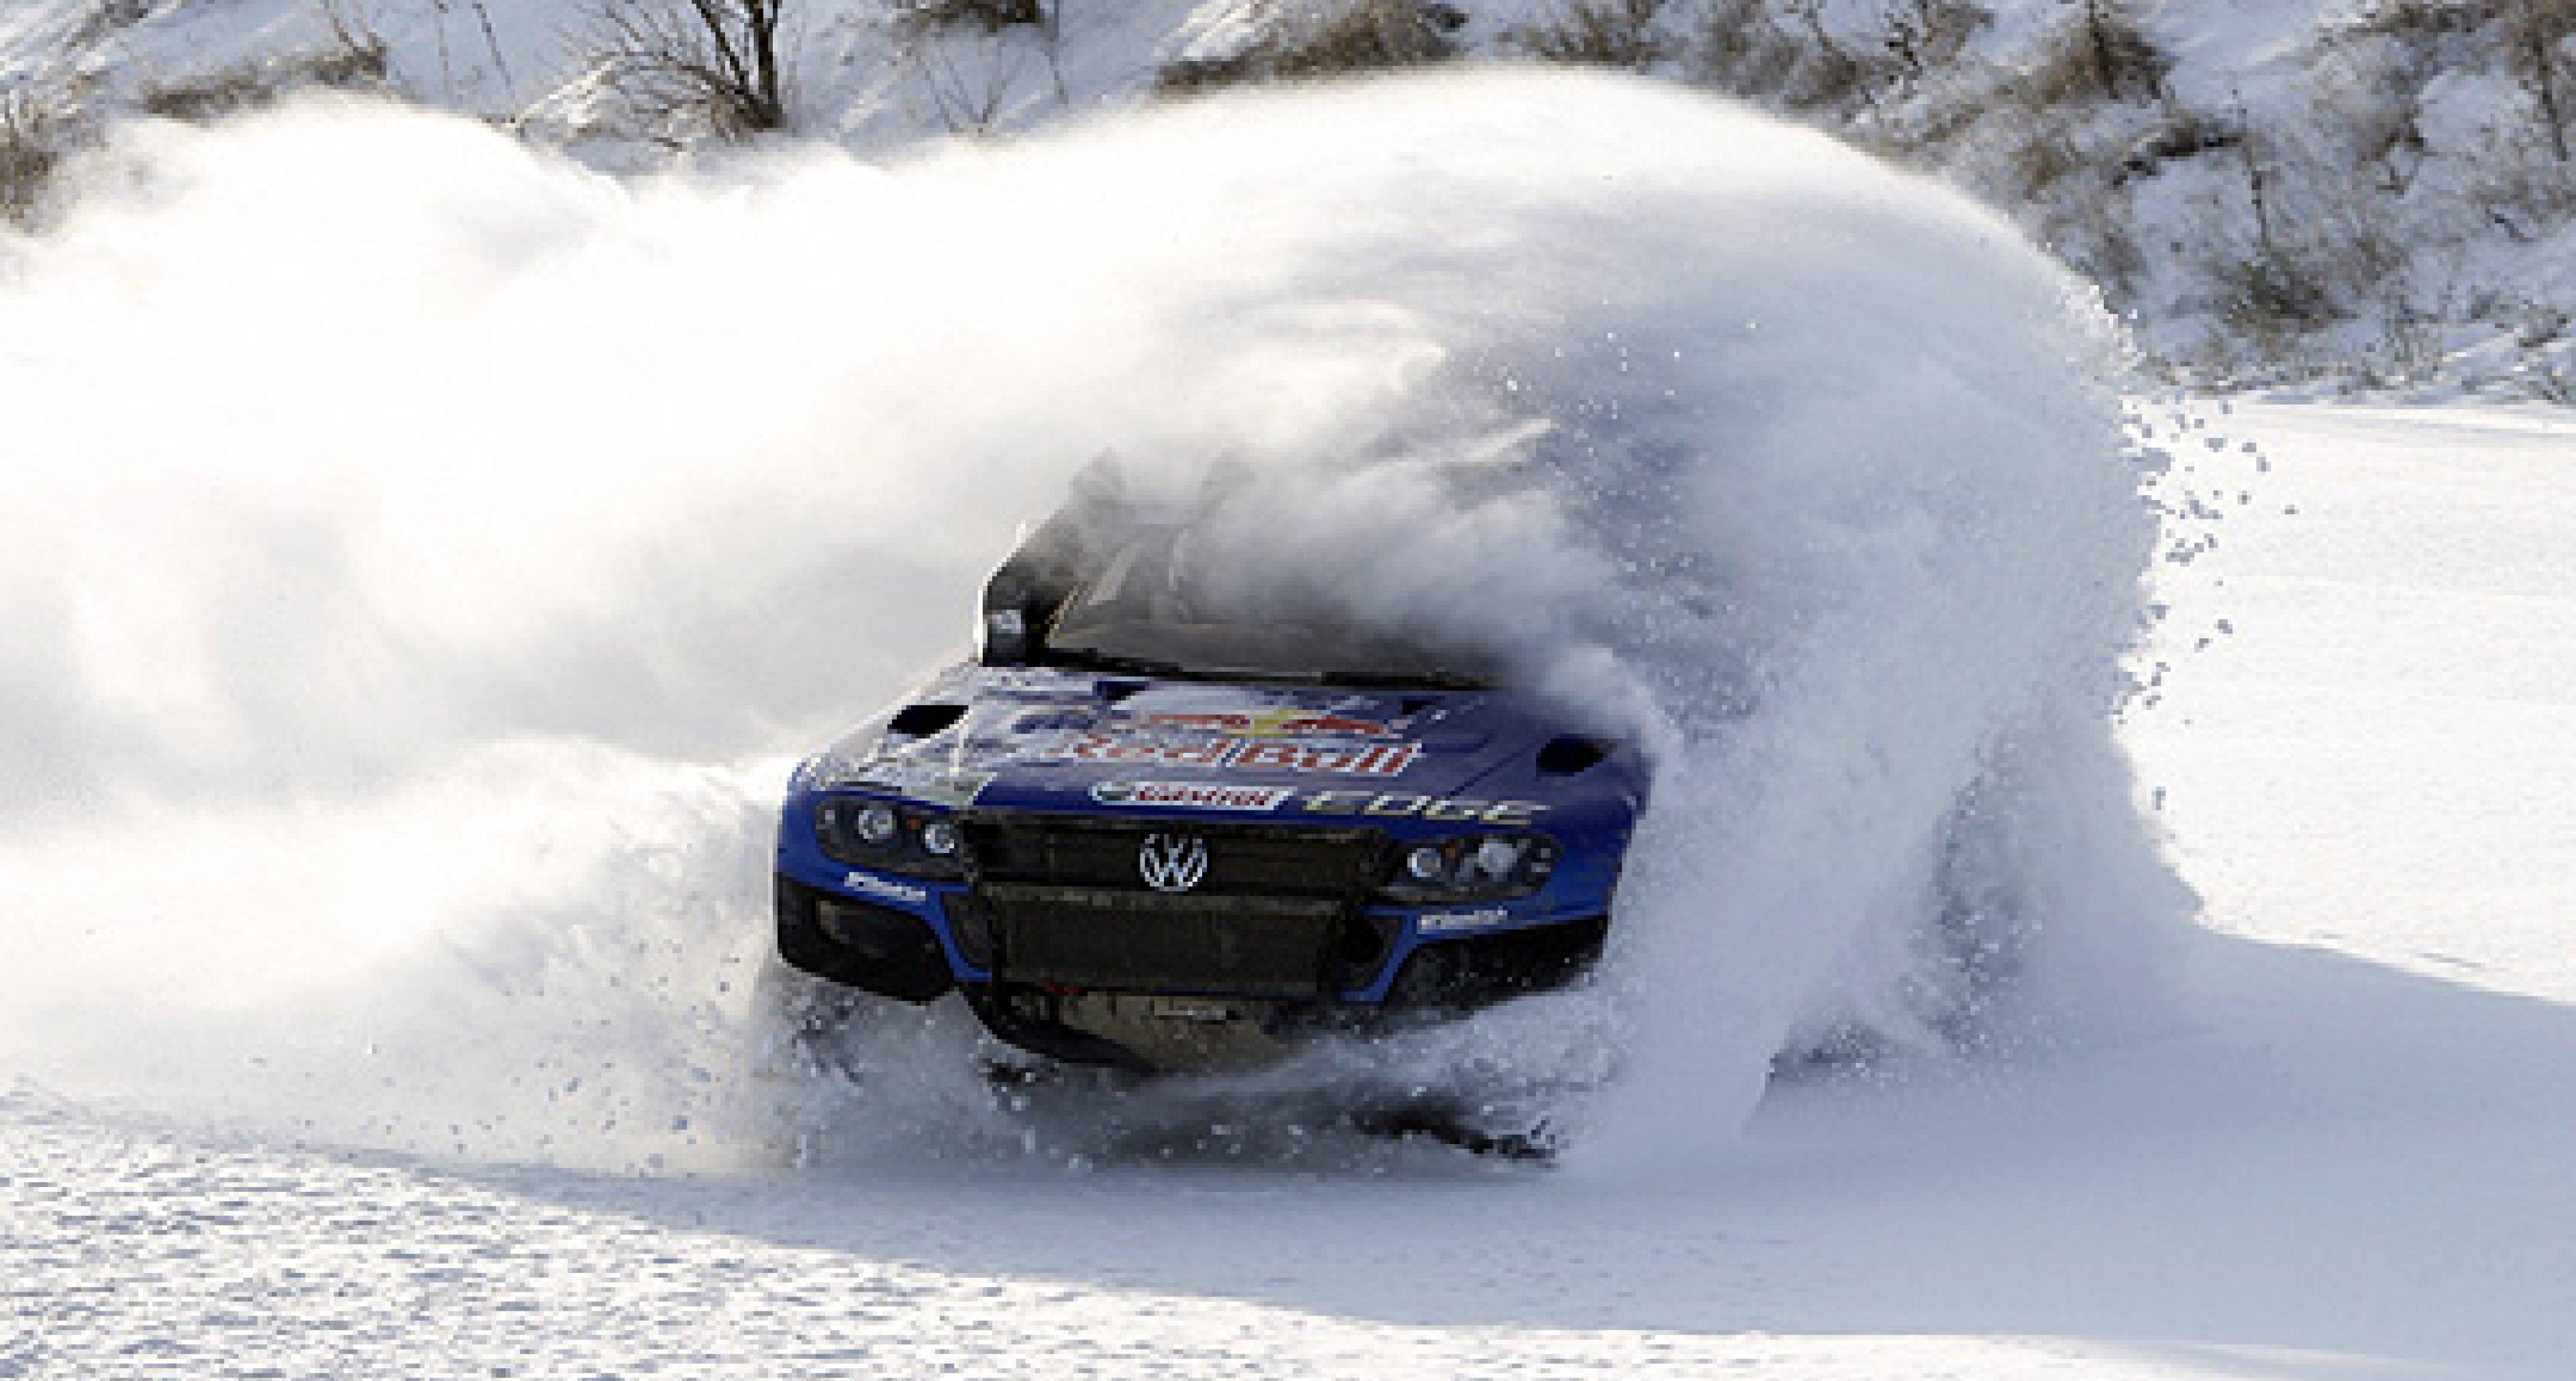 VW Race Touareg 3: Für die Wüste zu schade